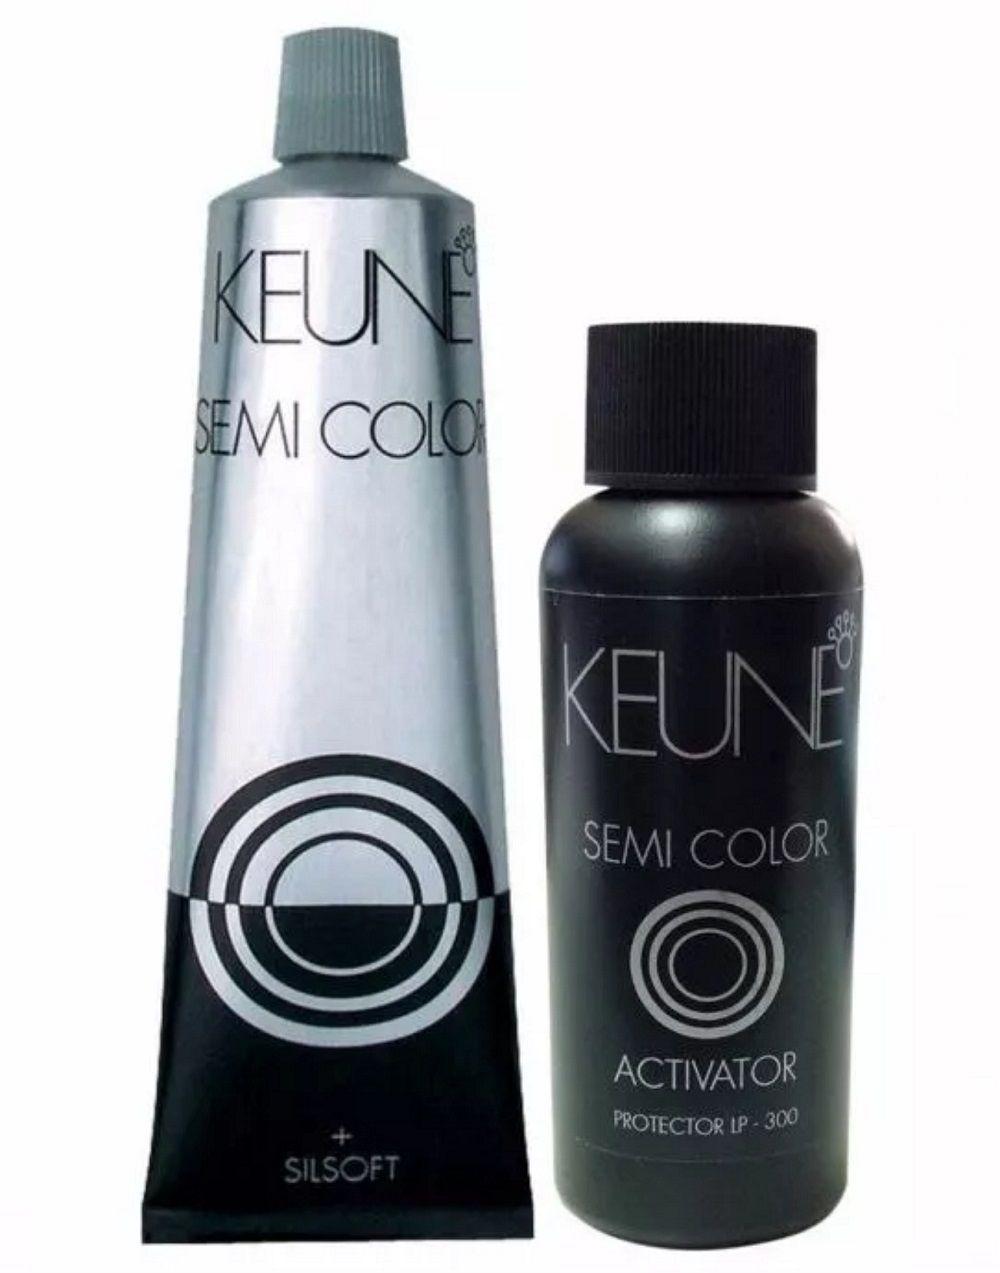 Kit Keune Semi Color 60ml - Cor 6.19 - Louro Escuro Mate + Ativador 60ml